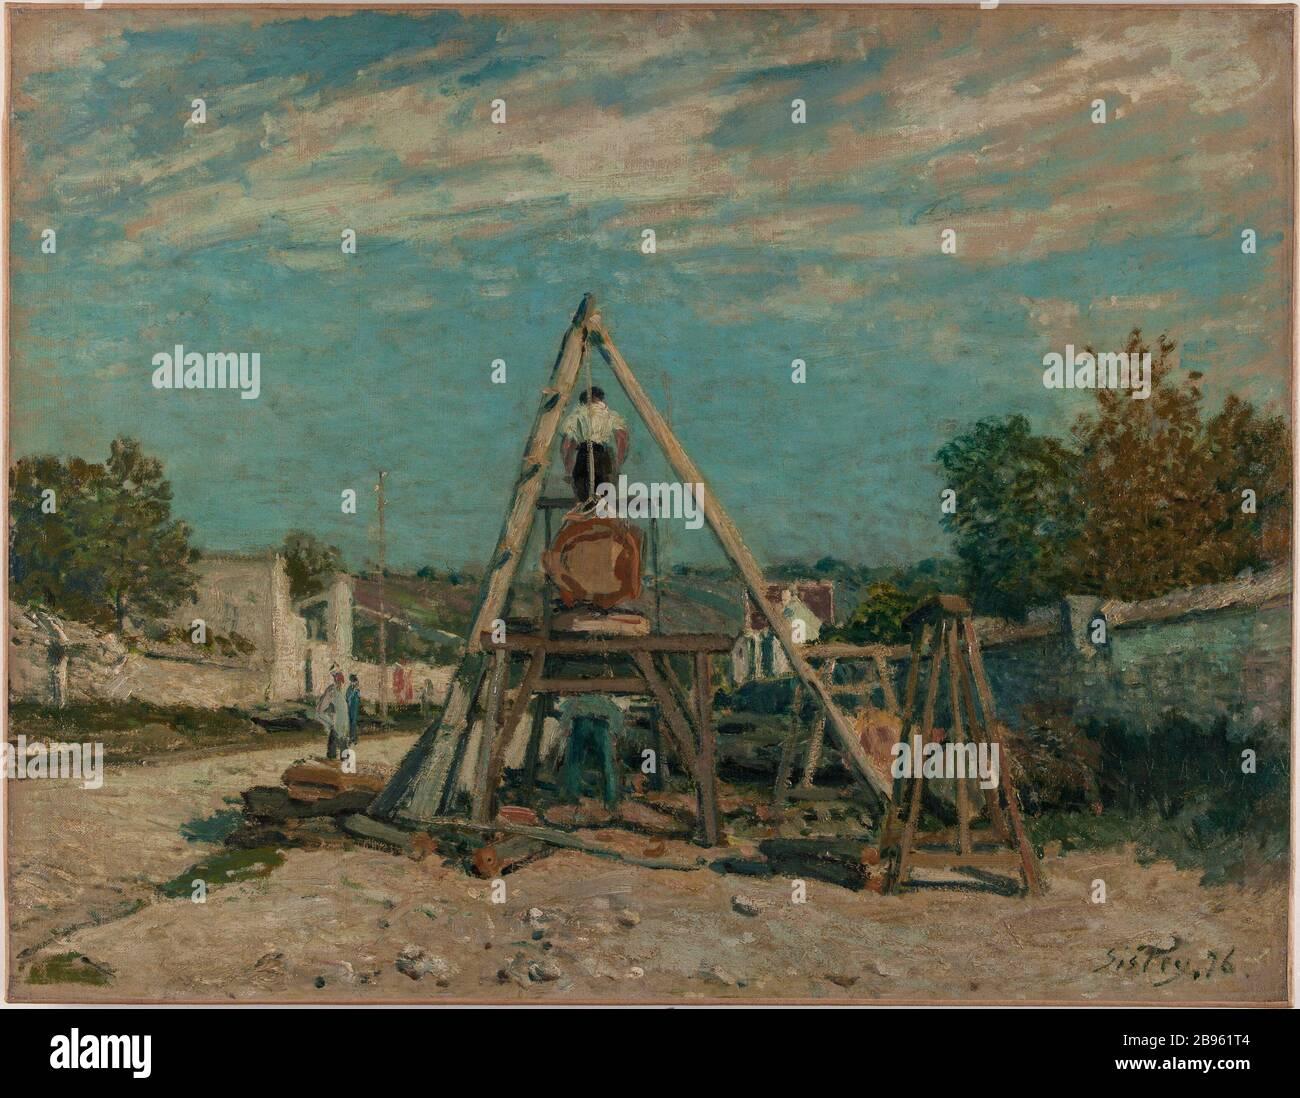 """Pitsawyers Alfred Sisley (1839-1899). """"Les scieurs de long"""". Huile sur toile. 1876. Musée des Beaux-Arts de la Ville de Paris, Petit Palais. Stock Photo"""